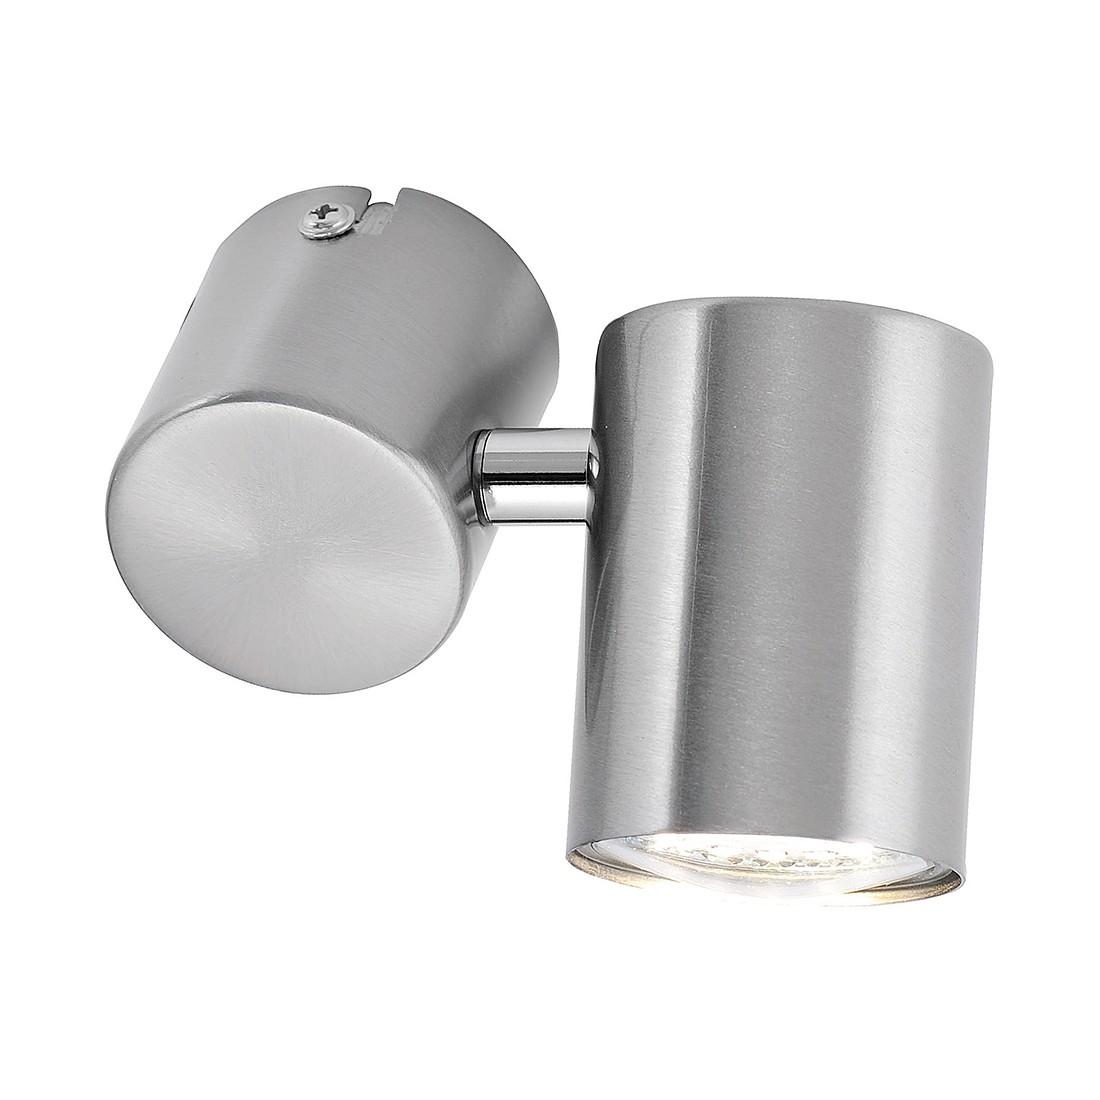 Deckenleuchte Tarik by Leuchten Direkt ● Eisen/Stahl ● Silber ● 1-flammig- Leuchten Direkt A++